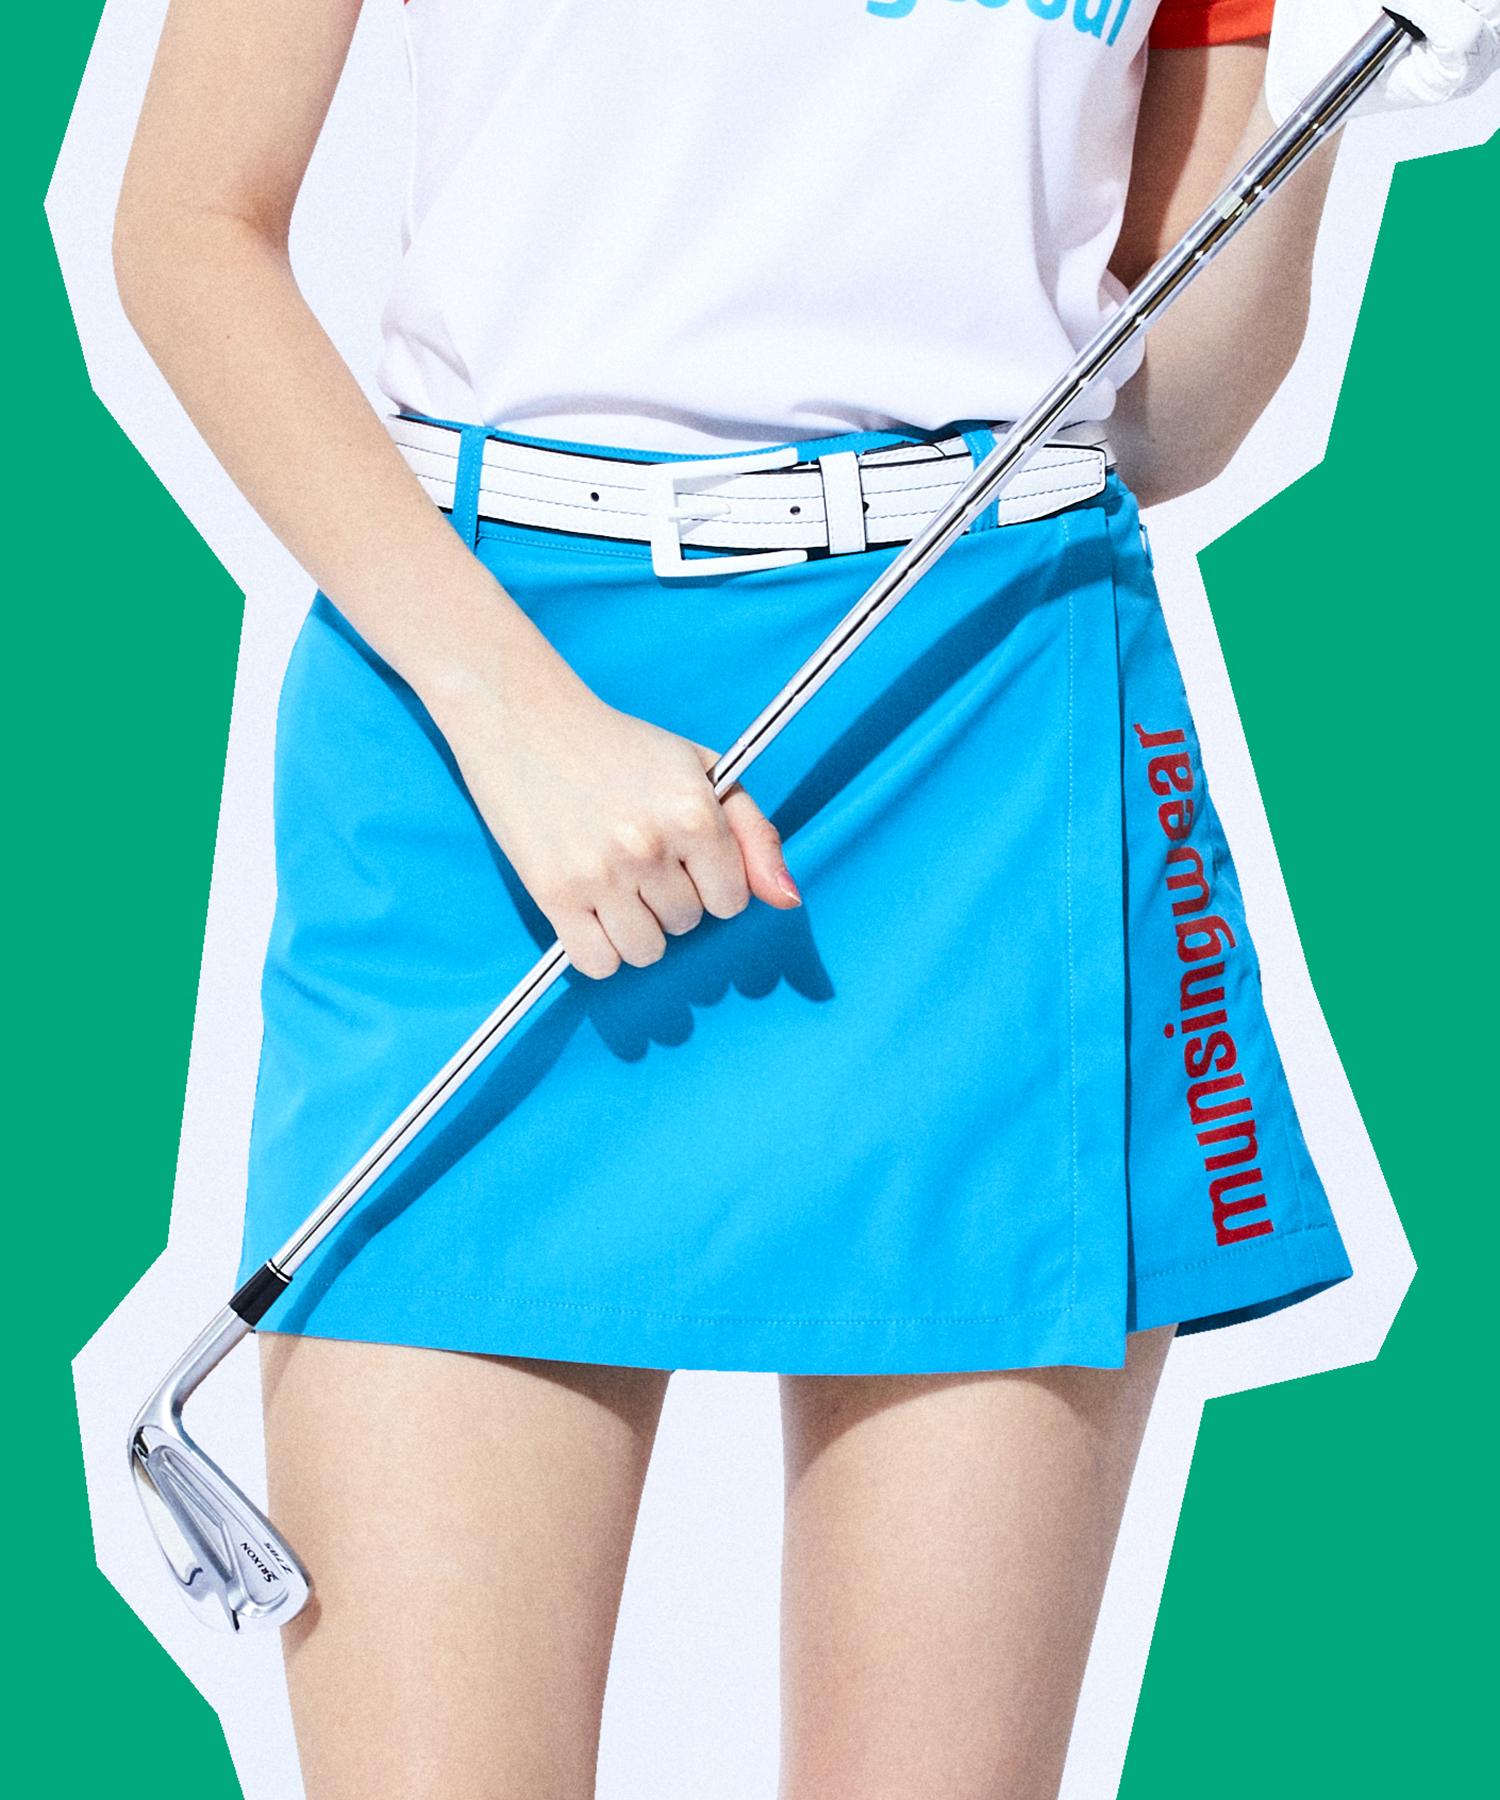 【ENVOY】ストレッチキュロットパンツ(股下13cm)【サンスクリーン・キープクリーン】